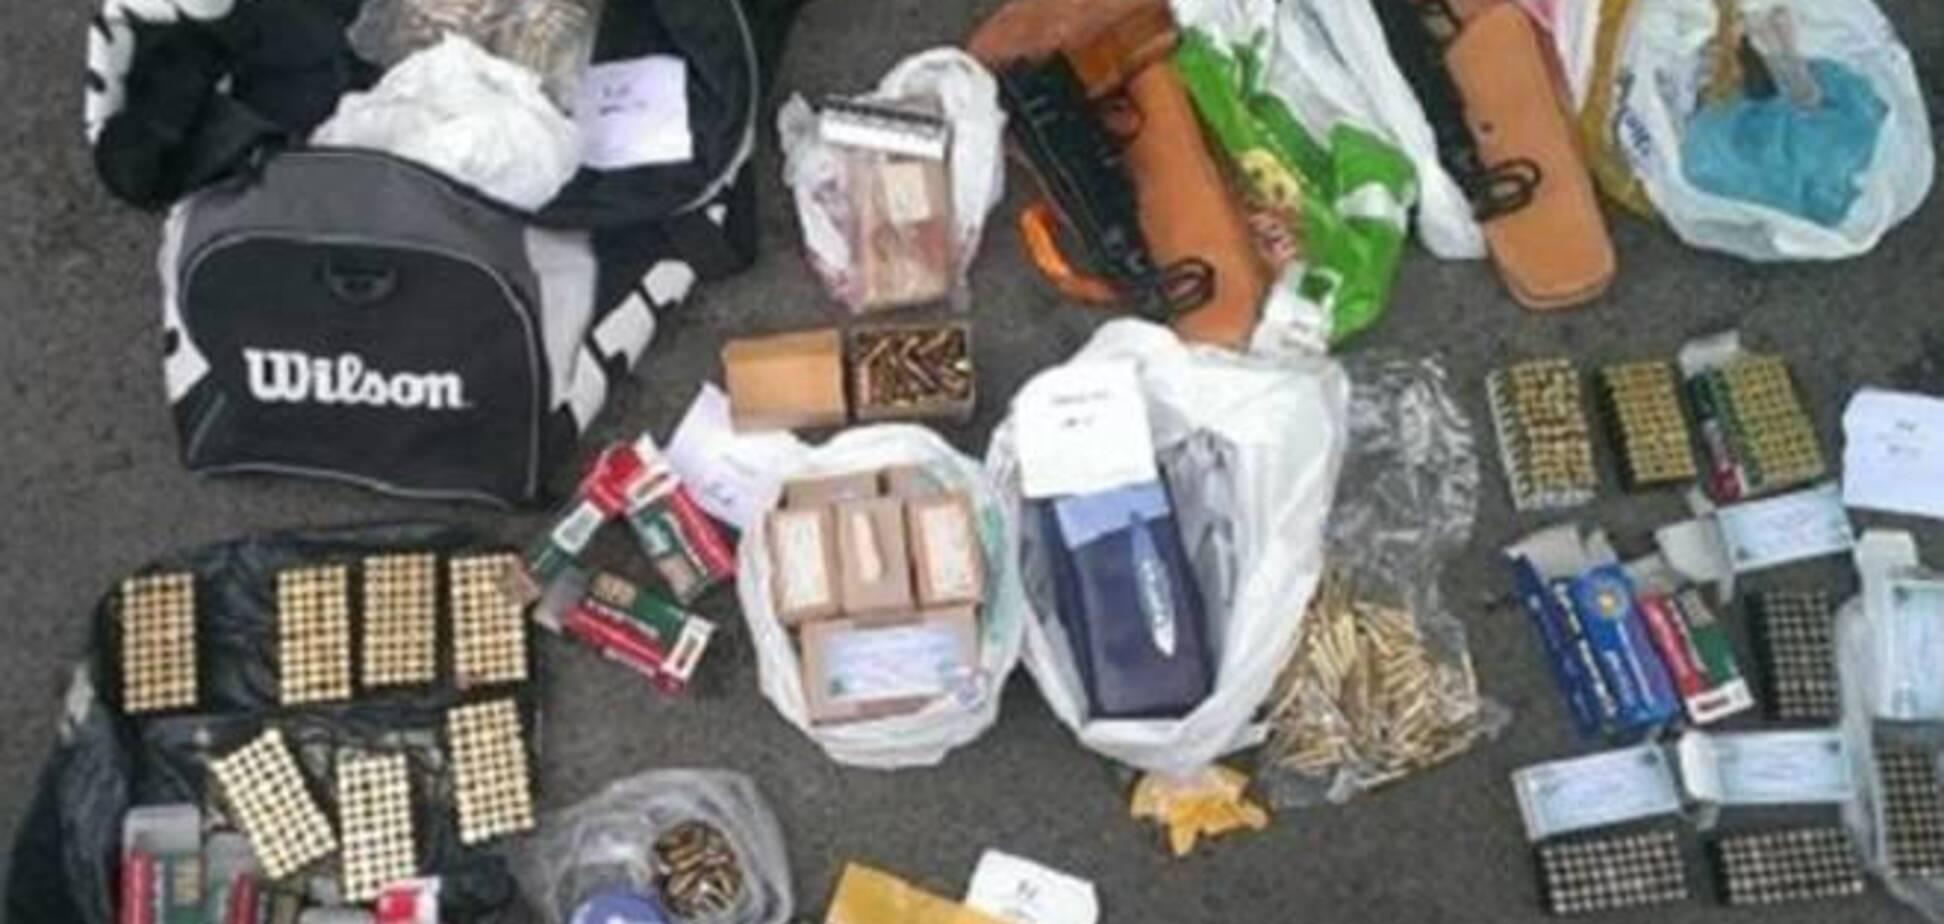 В Киеве изъяли партию оружия и взрывчатки на 700 тыс грн